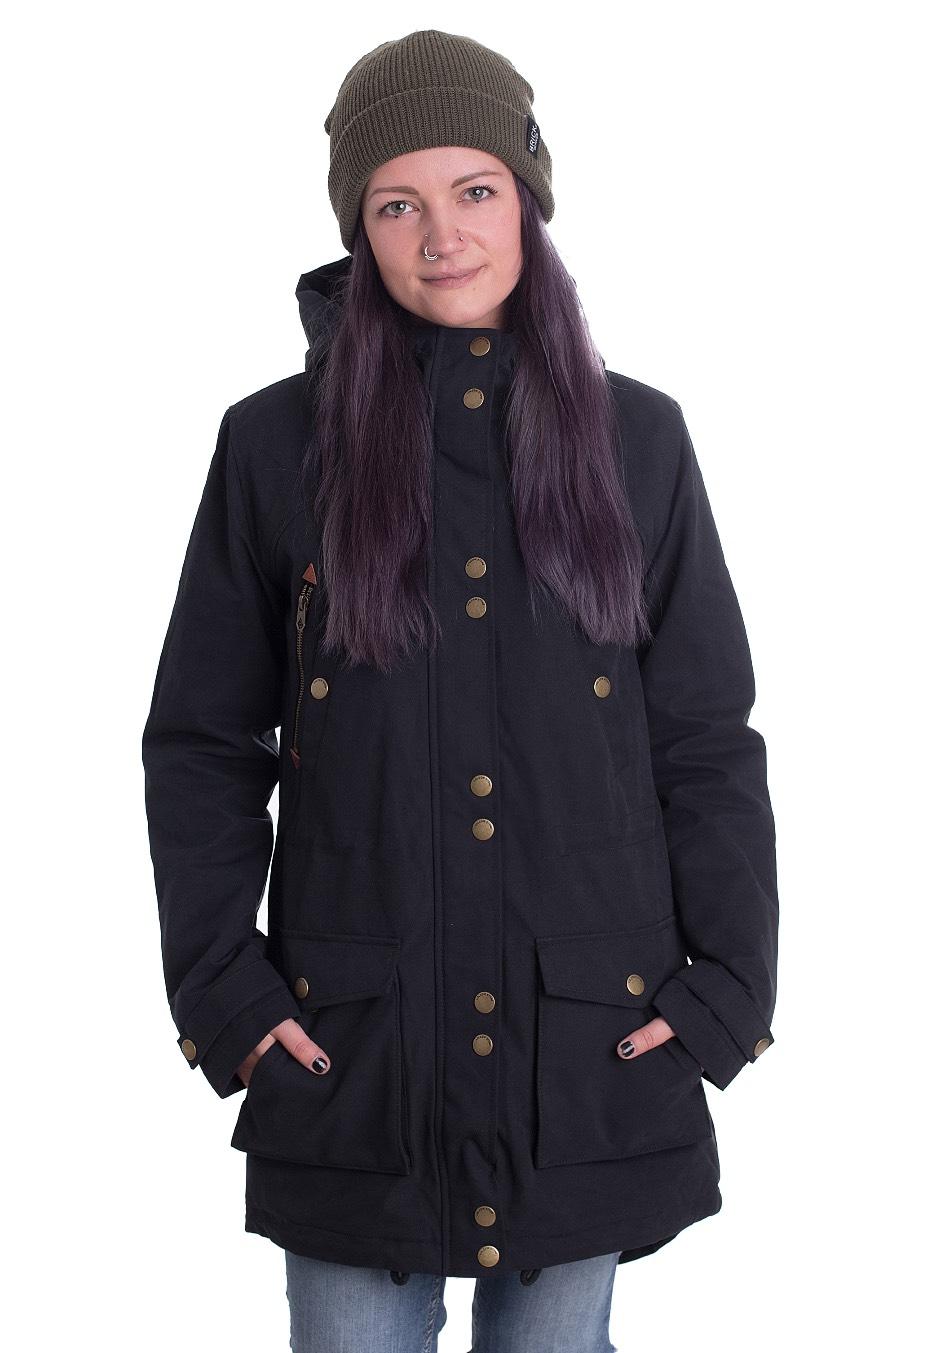 Jacken für Frauen - Volcom Walk On By Parka Jacken  - Onlineshop IMPERICON